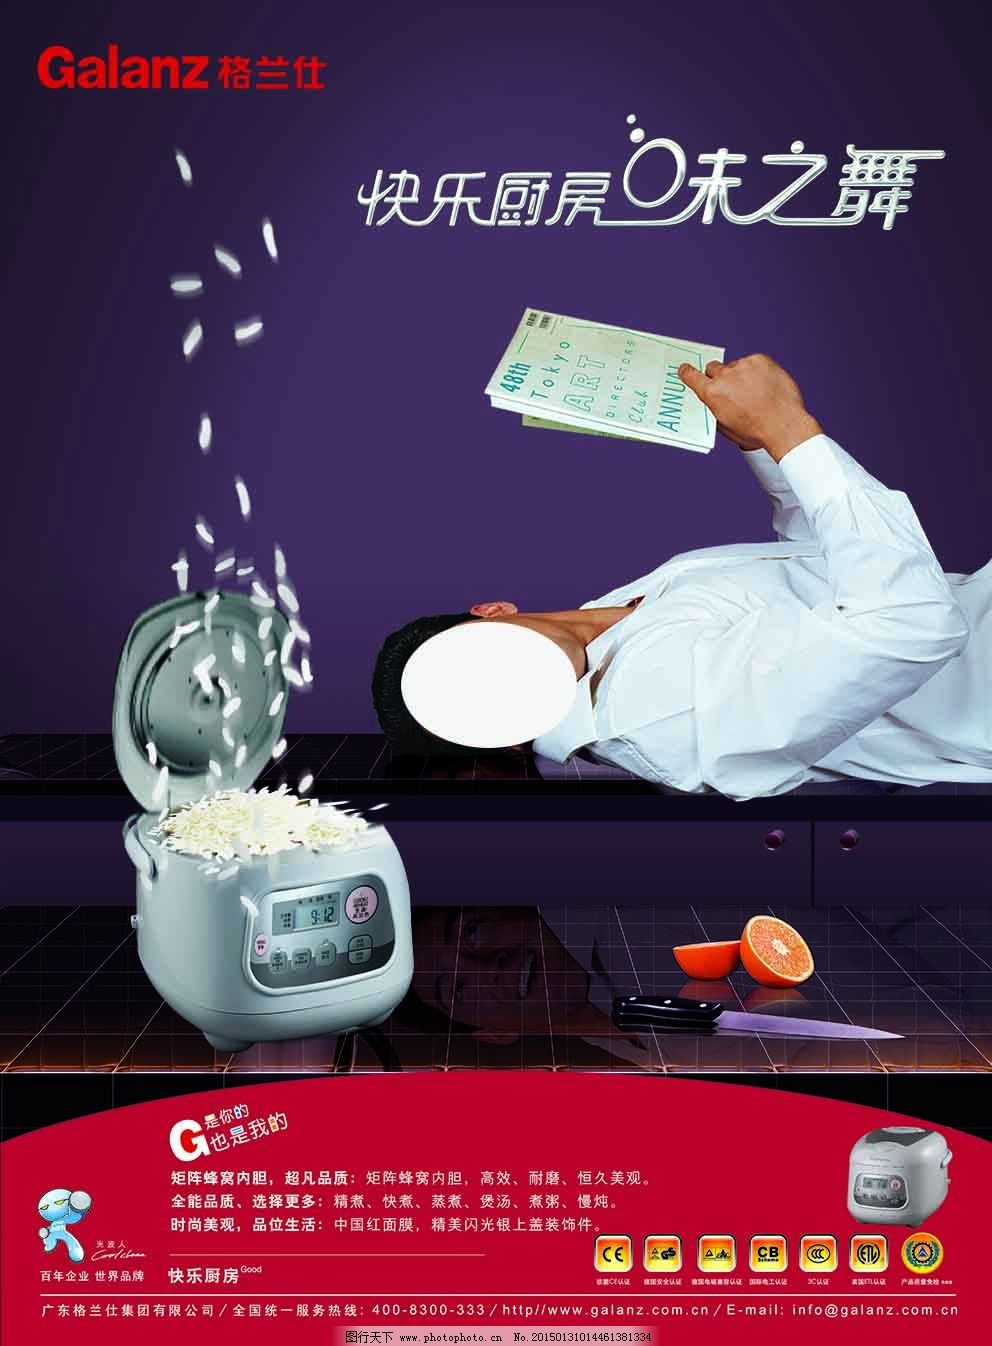 电饭煲海报 电饭煲海报免费下载 厨房 快乐 蓝色 原创设计 原创海报